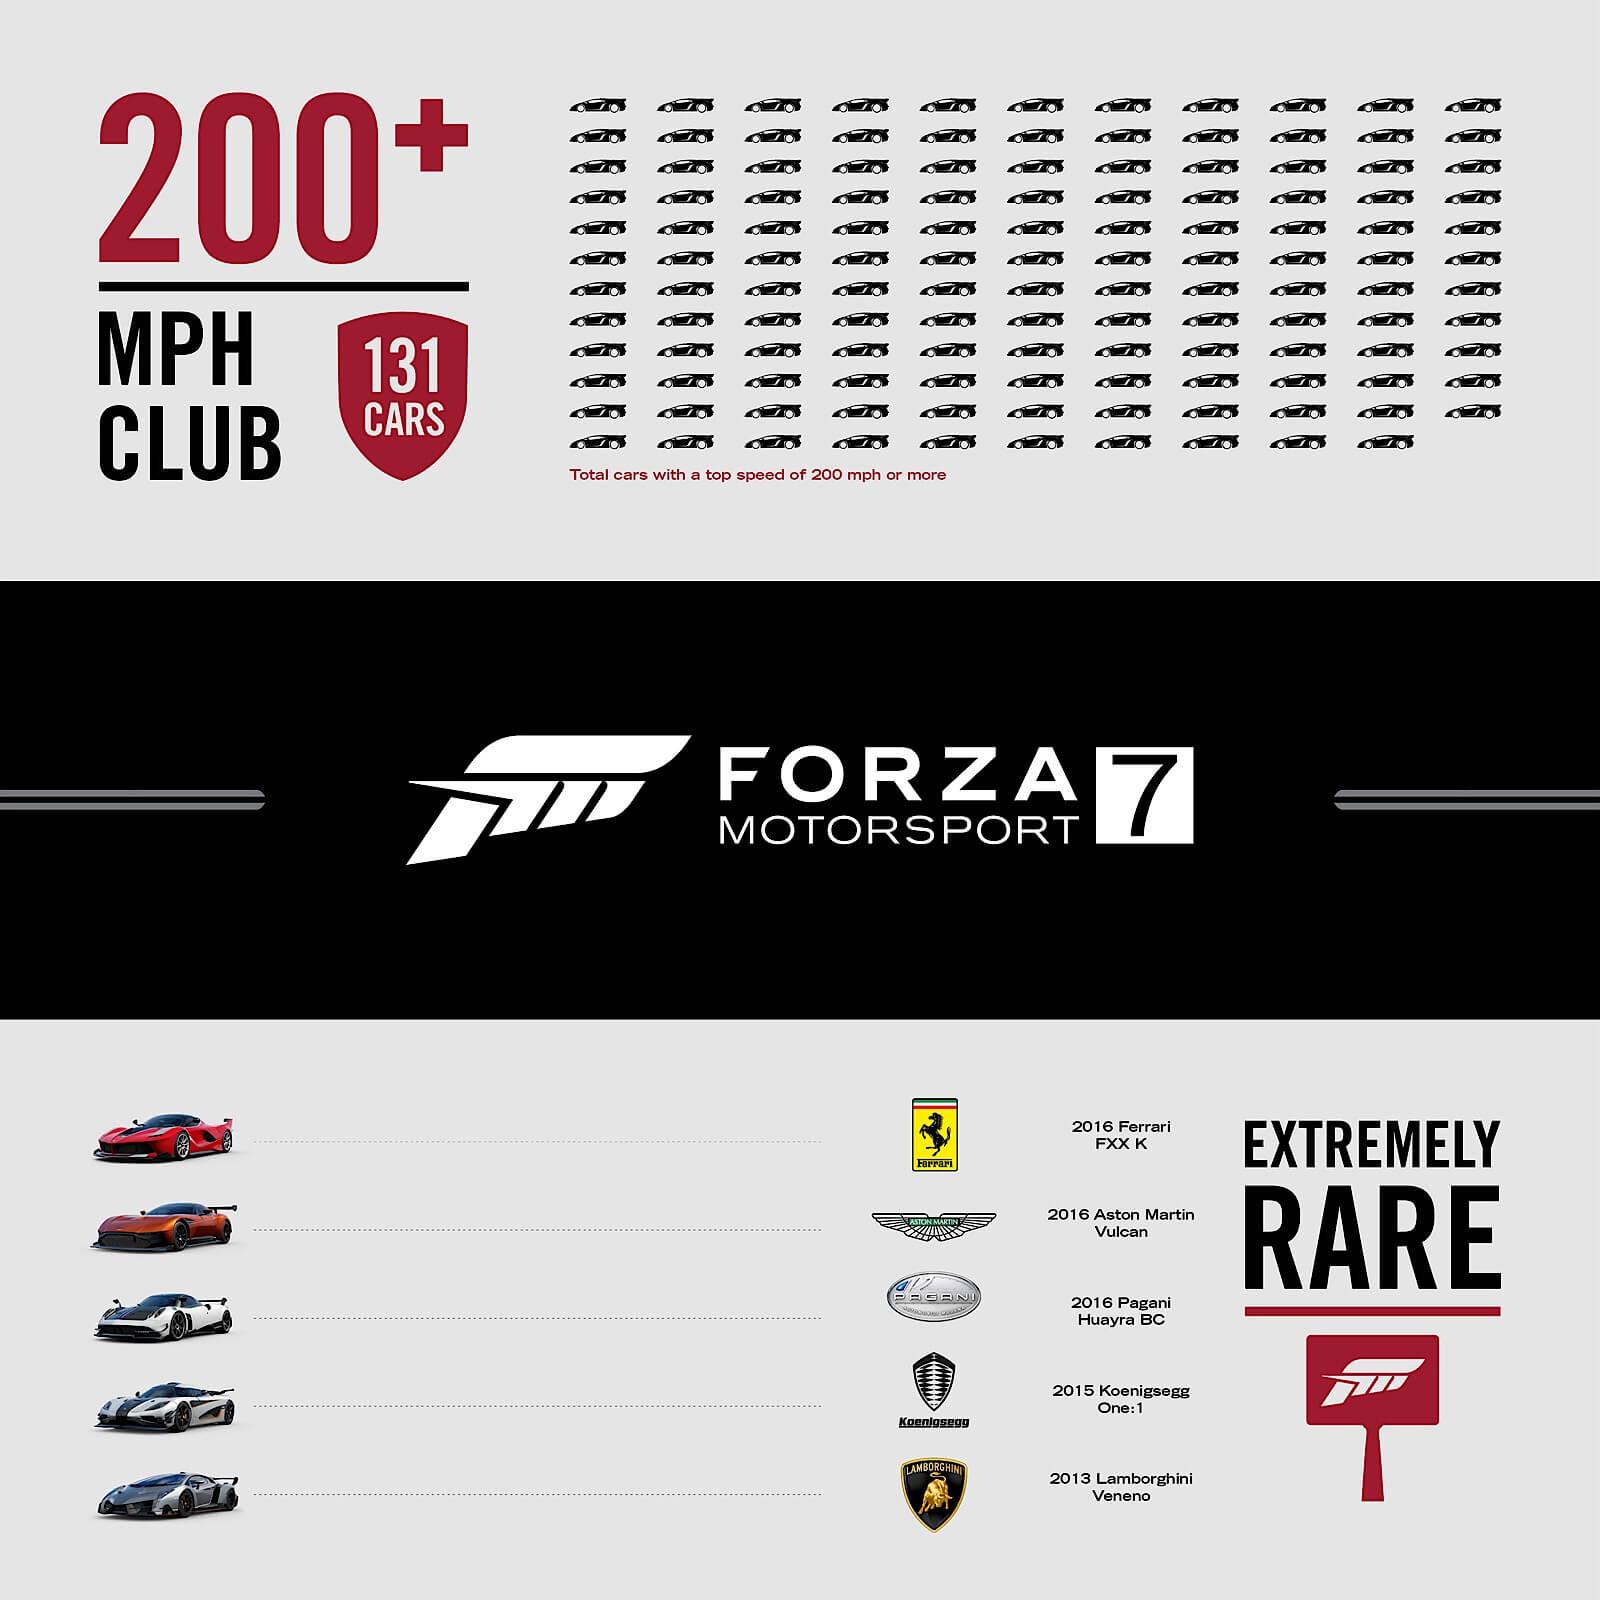 Forza 7 Final Screenshots